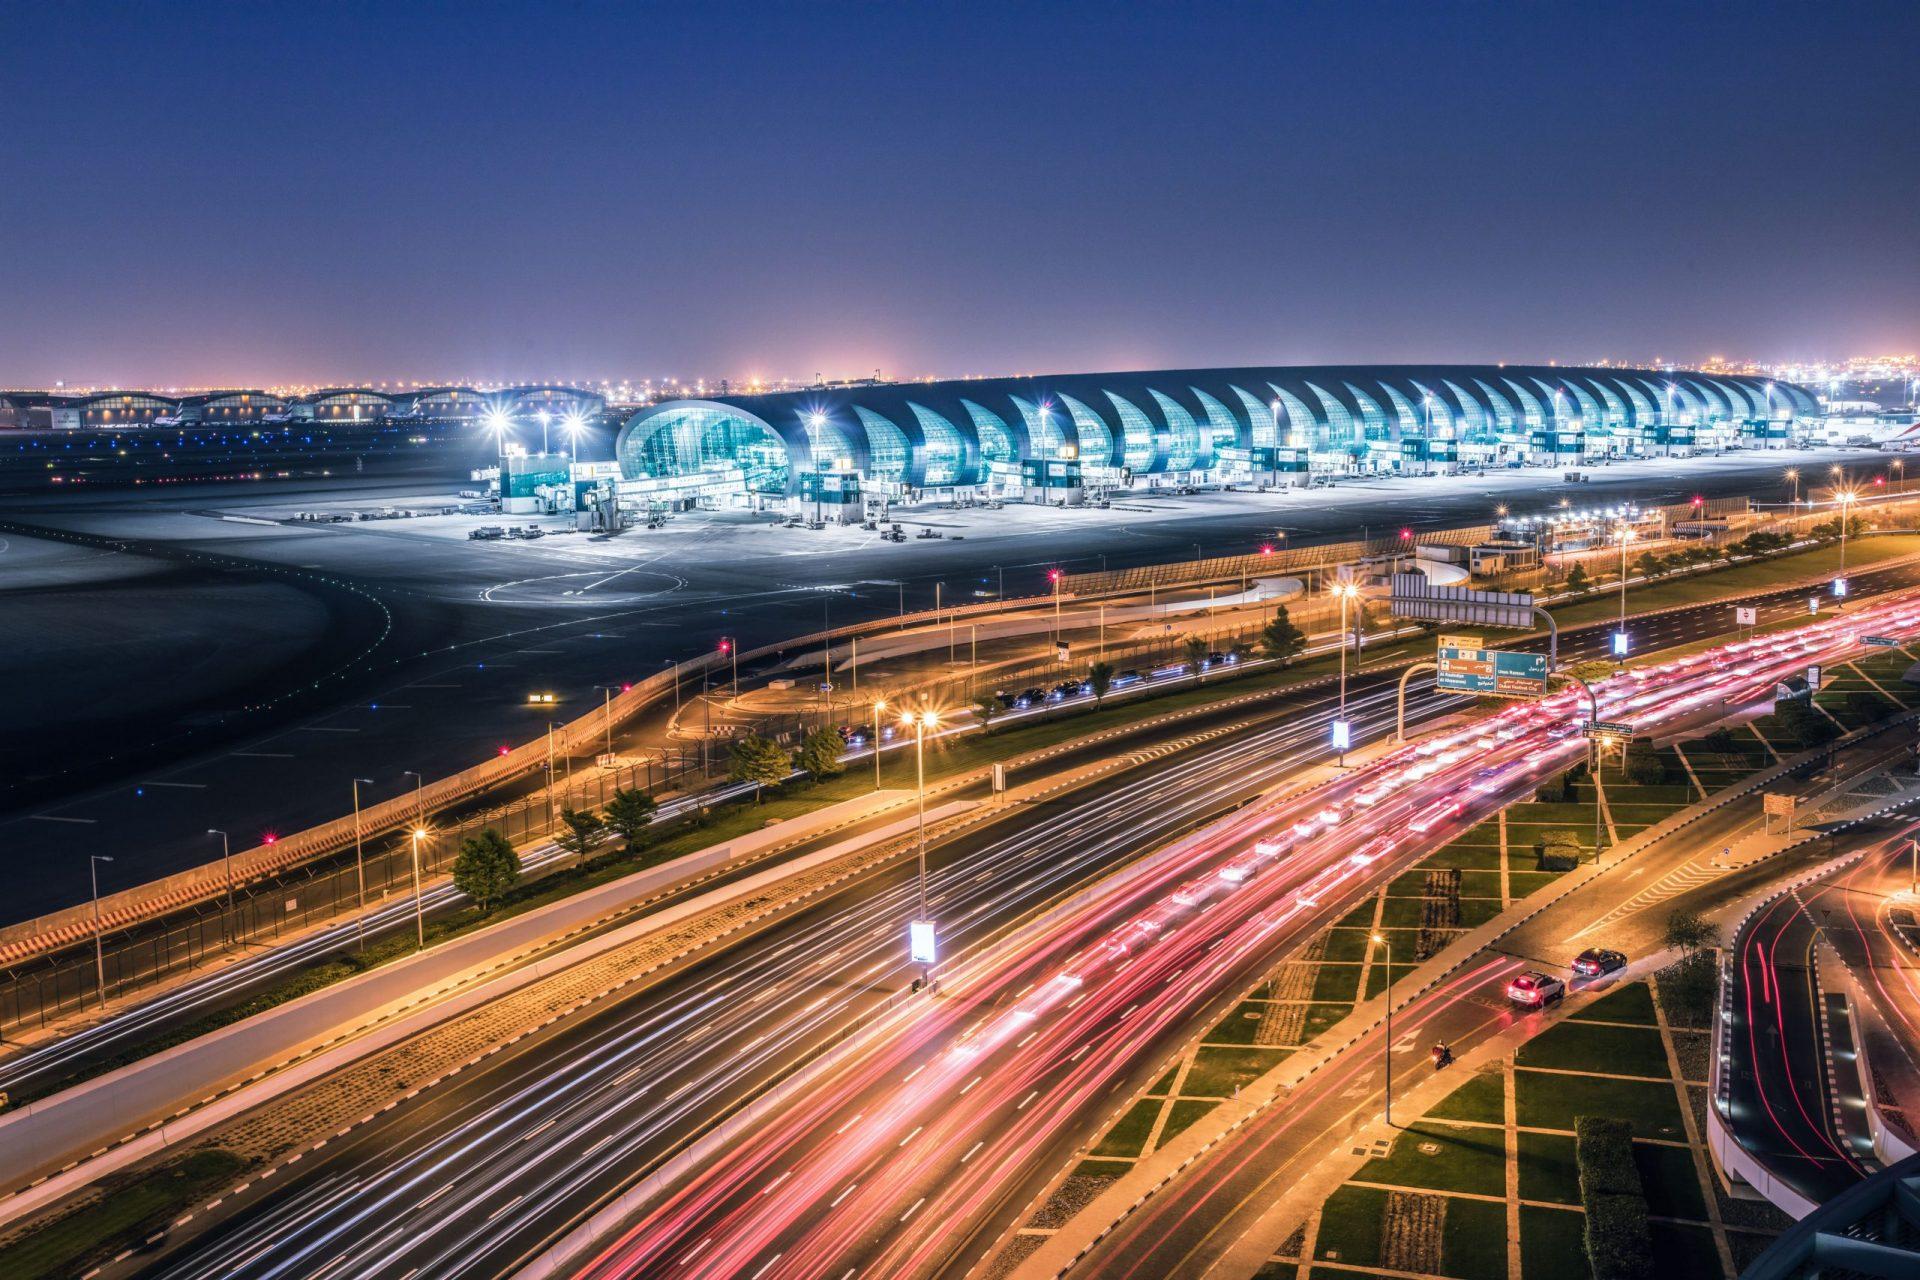 aeroportos incríveis Dubai